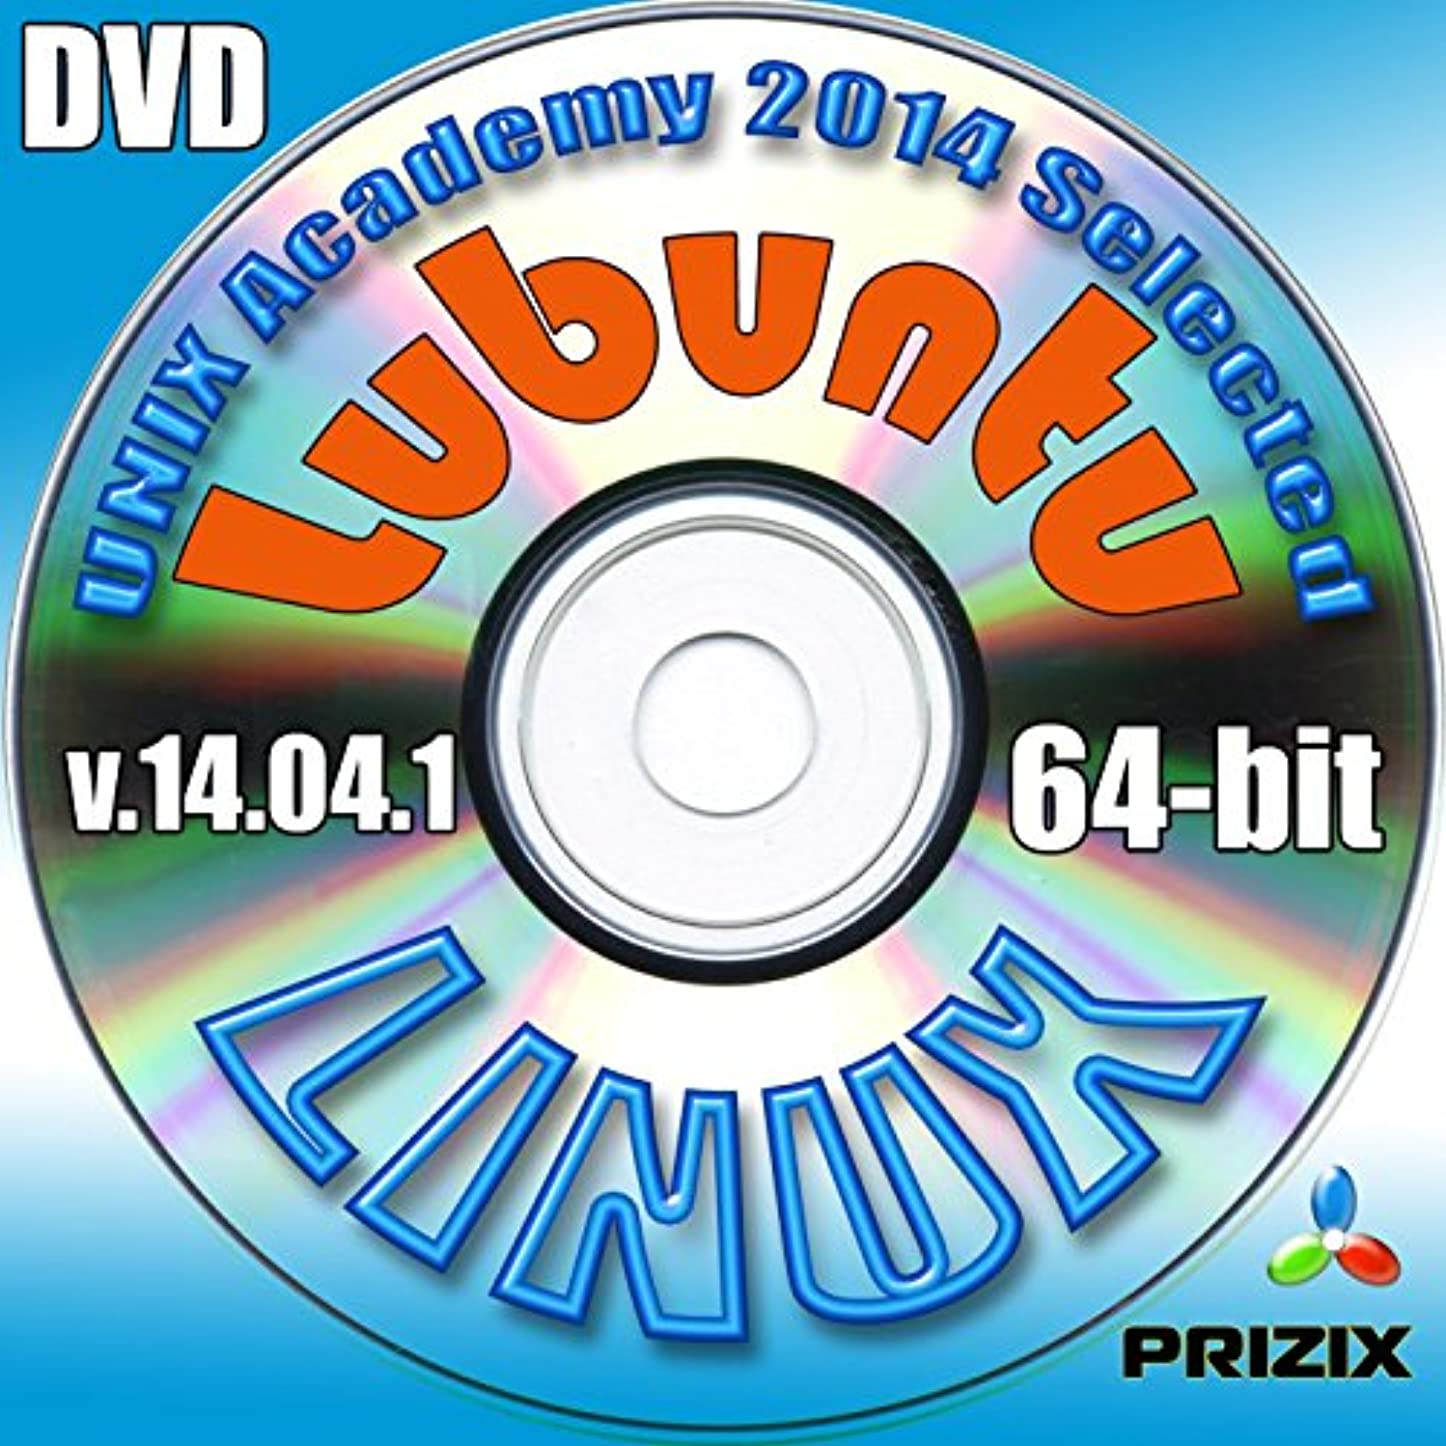 ダイアクリティカルカニそれにもかかわらずLubuntuの14.04.1のLinuxのDVDの64ビットフルインストールには、無料のUNIXアカデミー評価試験、